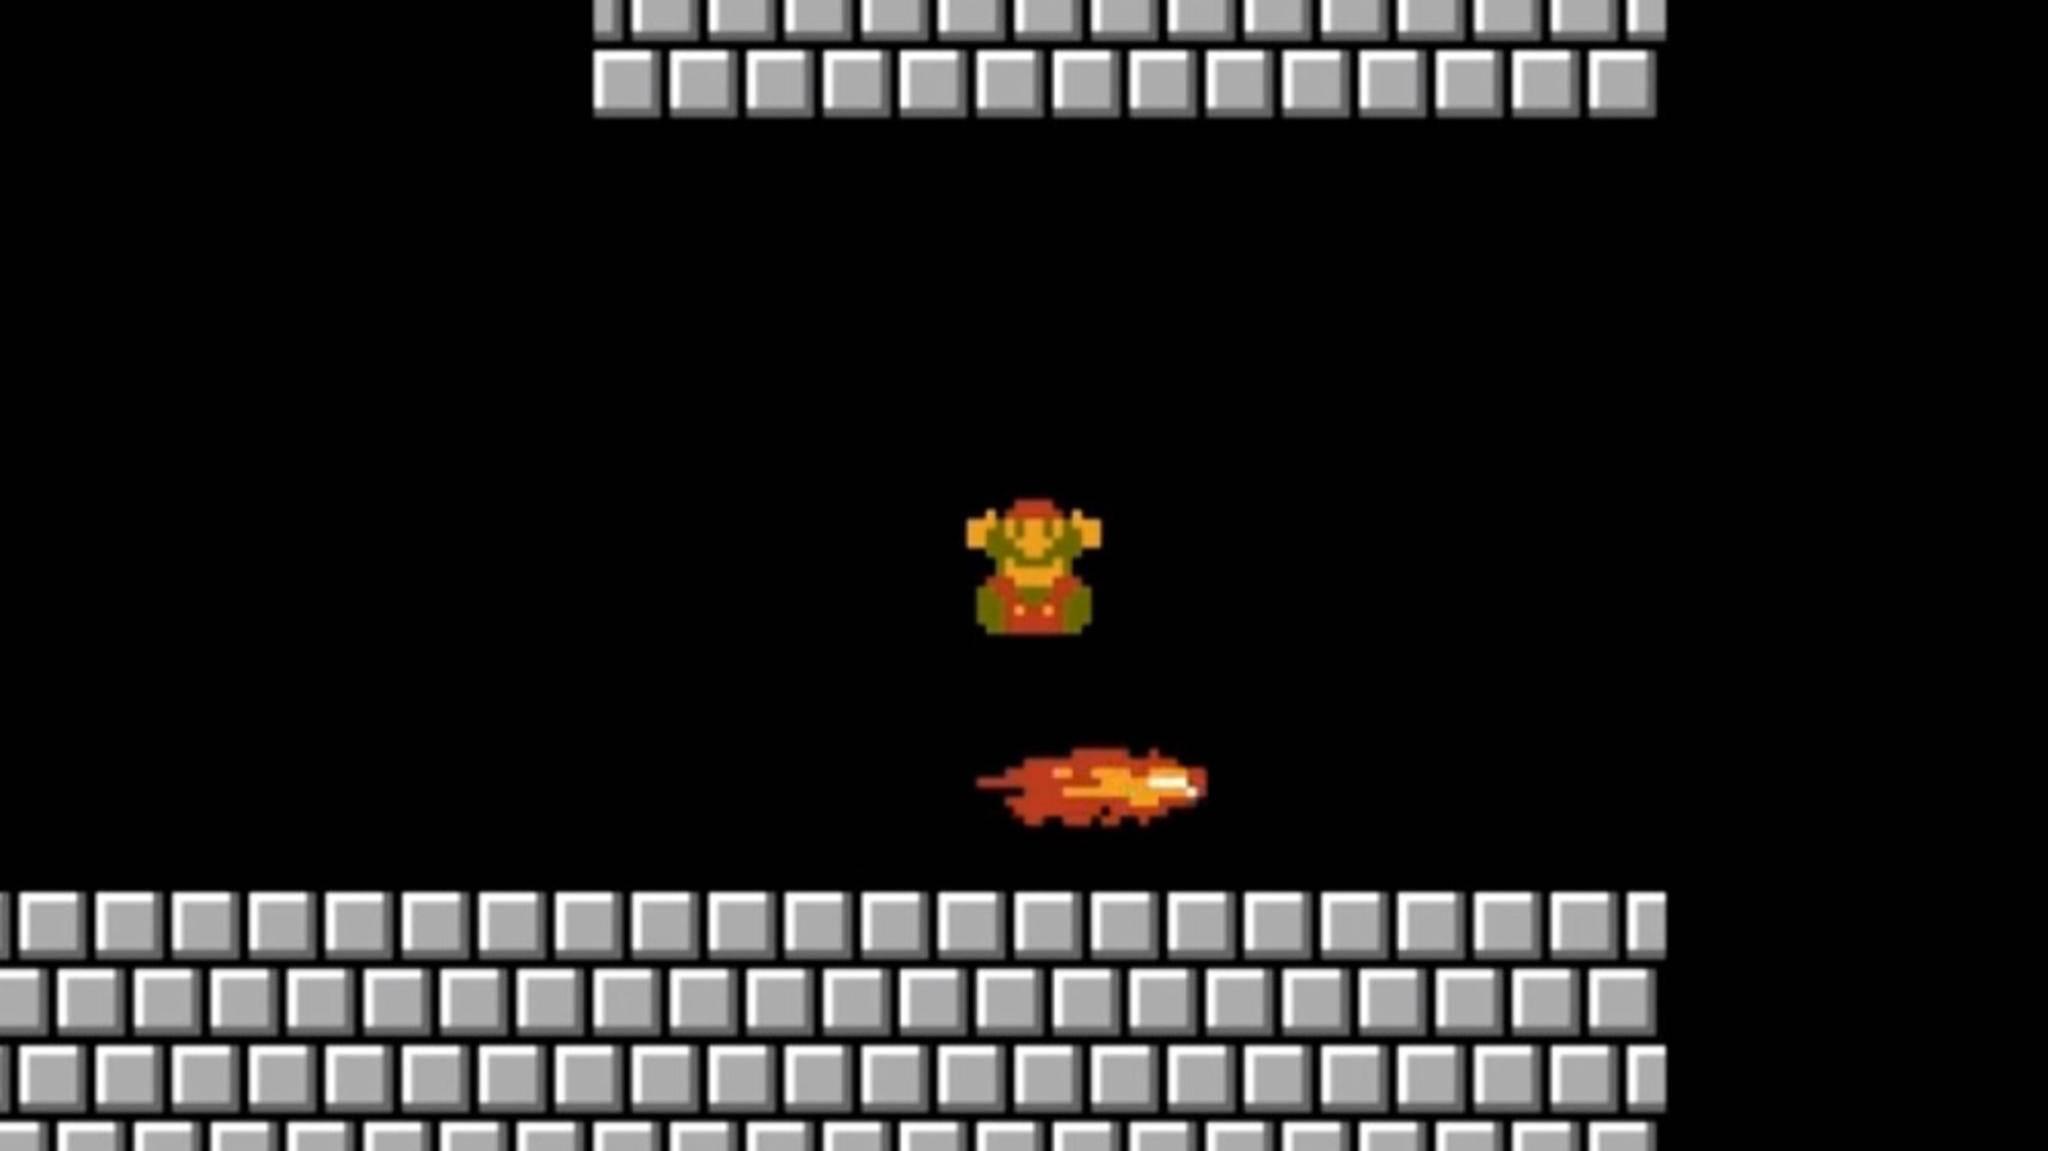 """Da kann """"Super Mario Bros."""" noch so kultig sein: Wenn Du kurz vor dem Bosskampf Dein letztes Leben verlierst, wirst Du das Game verfluchen!"""